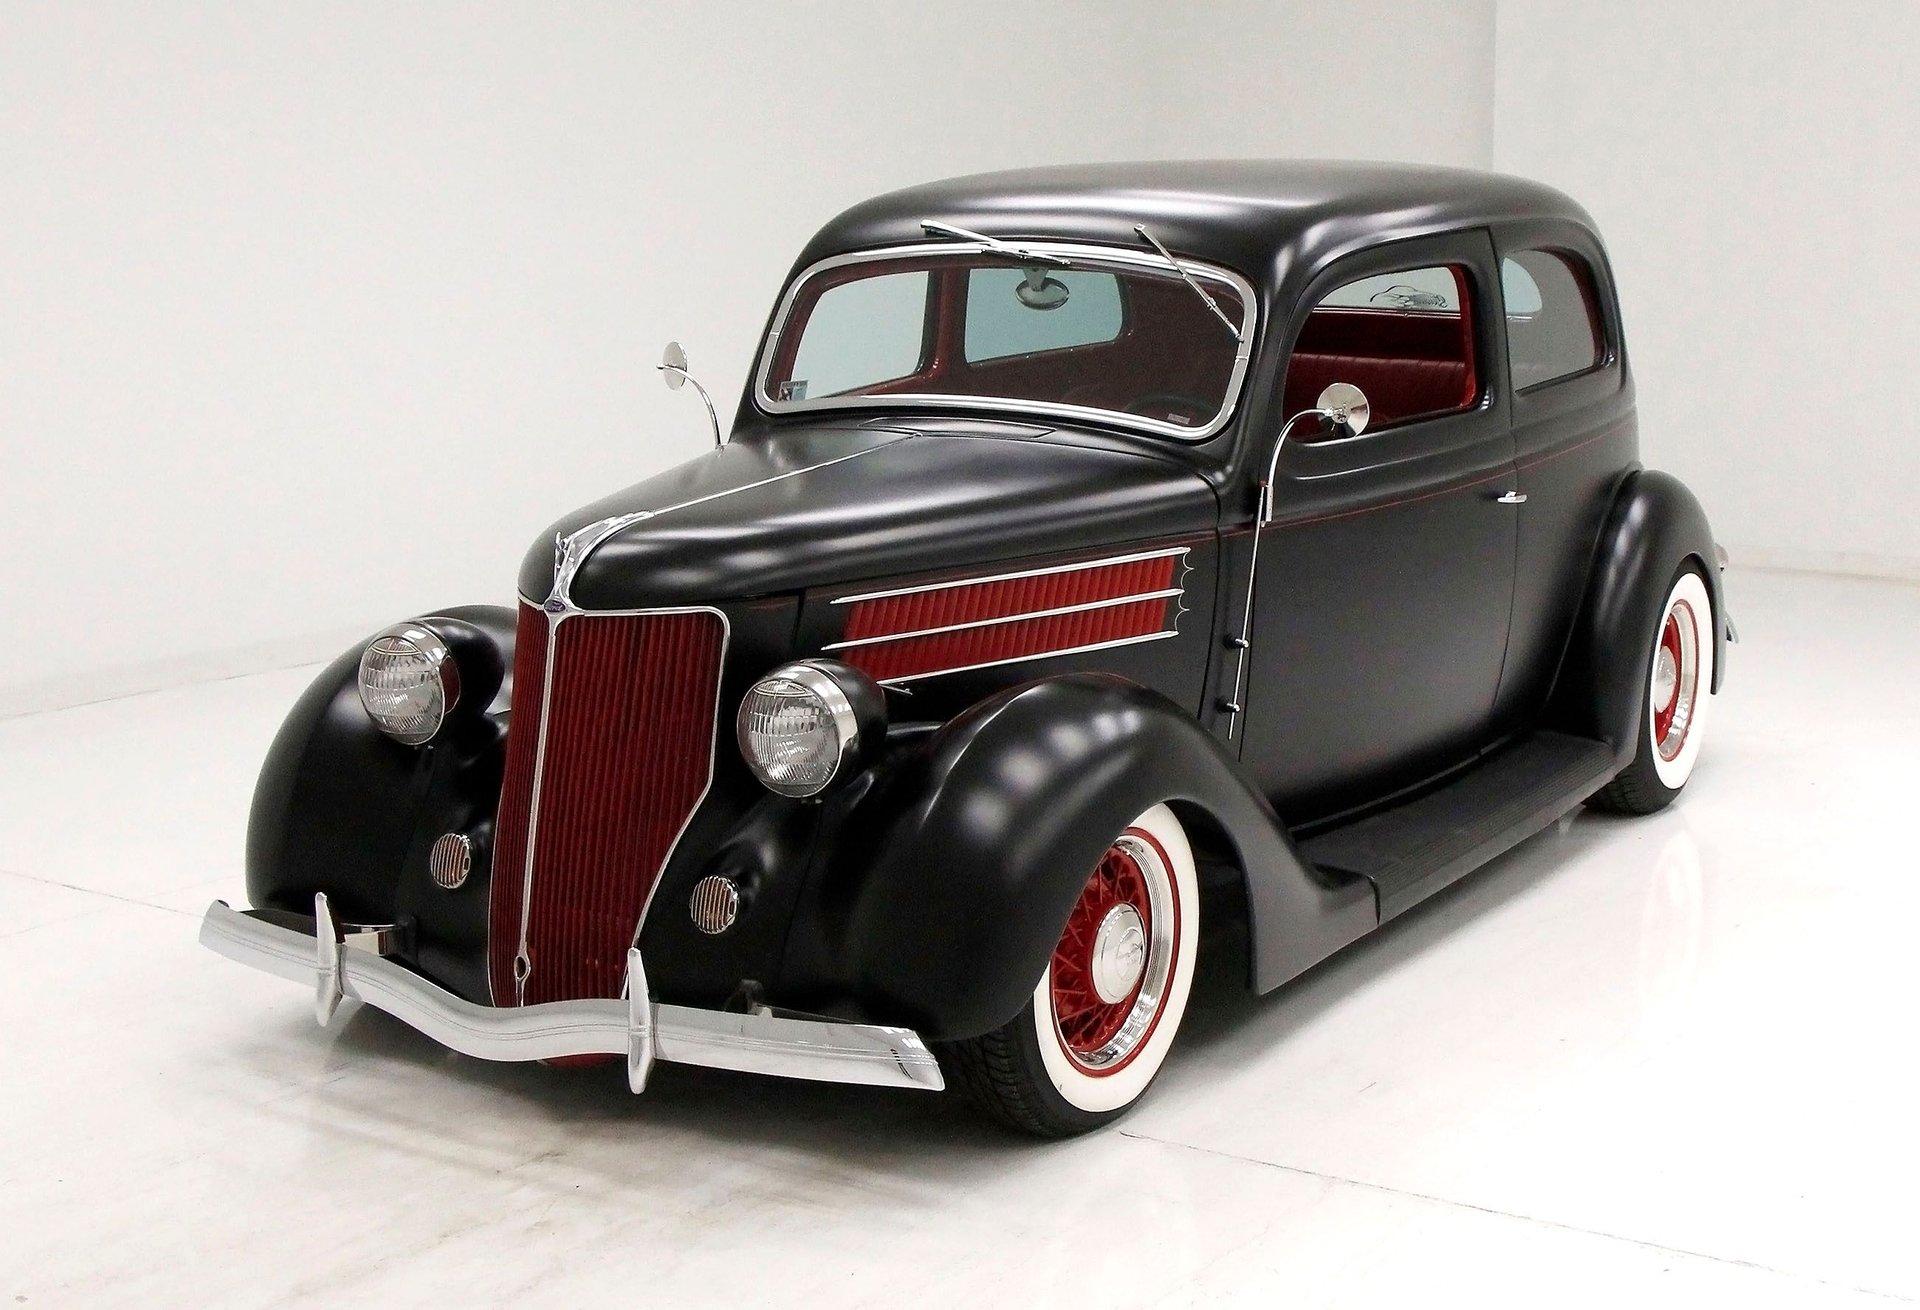 1936 Ford Slantback